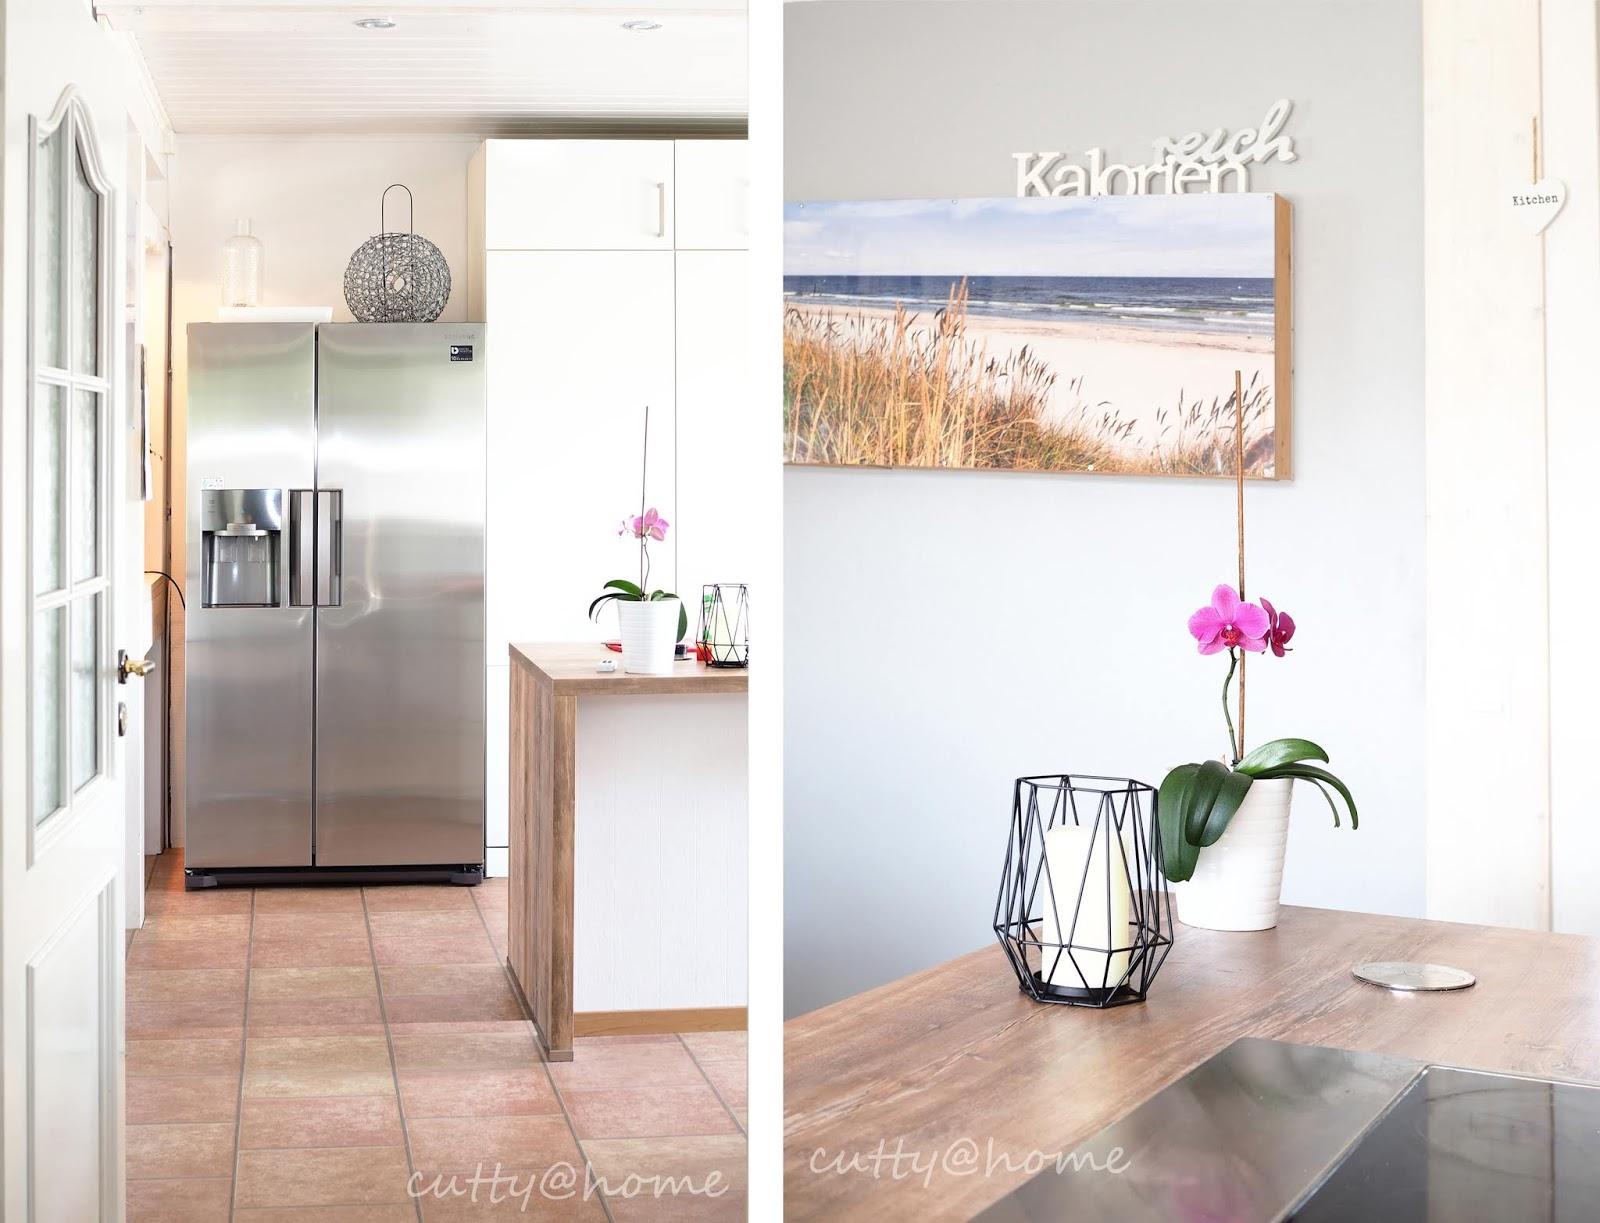 Wunderbar Sollte Ich Malen Grau Meine Küchenschränke Bilder - Küchen ...